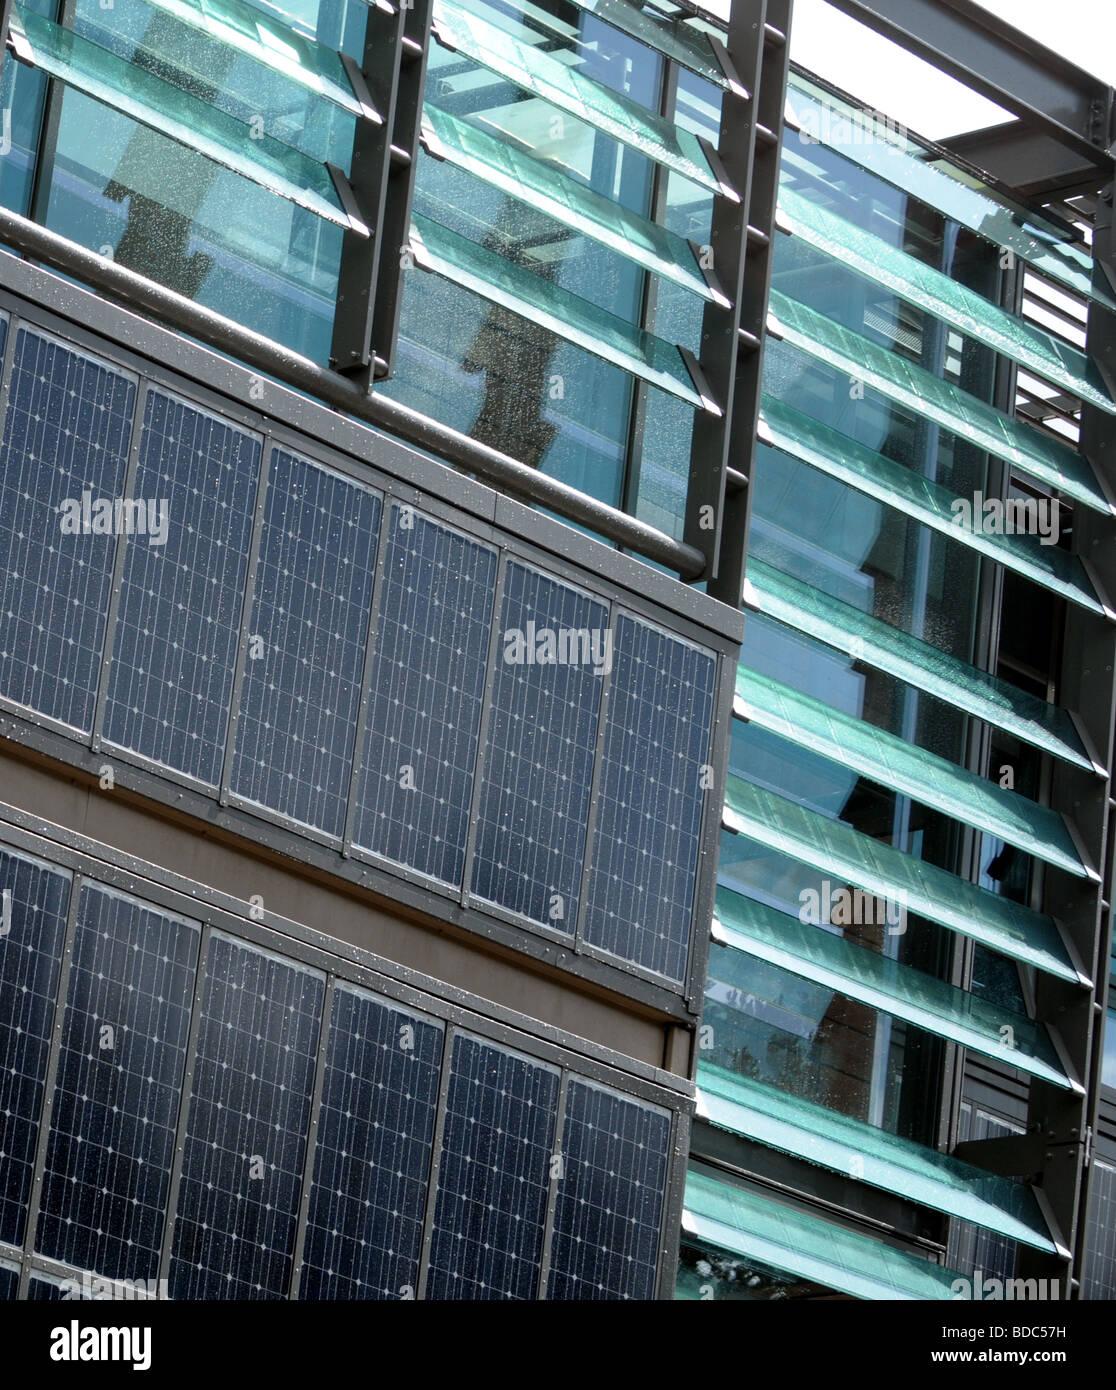 Paneles solares en un edificio en Edimburgo. Imagen De Stock